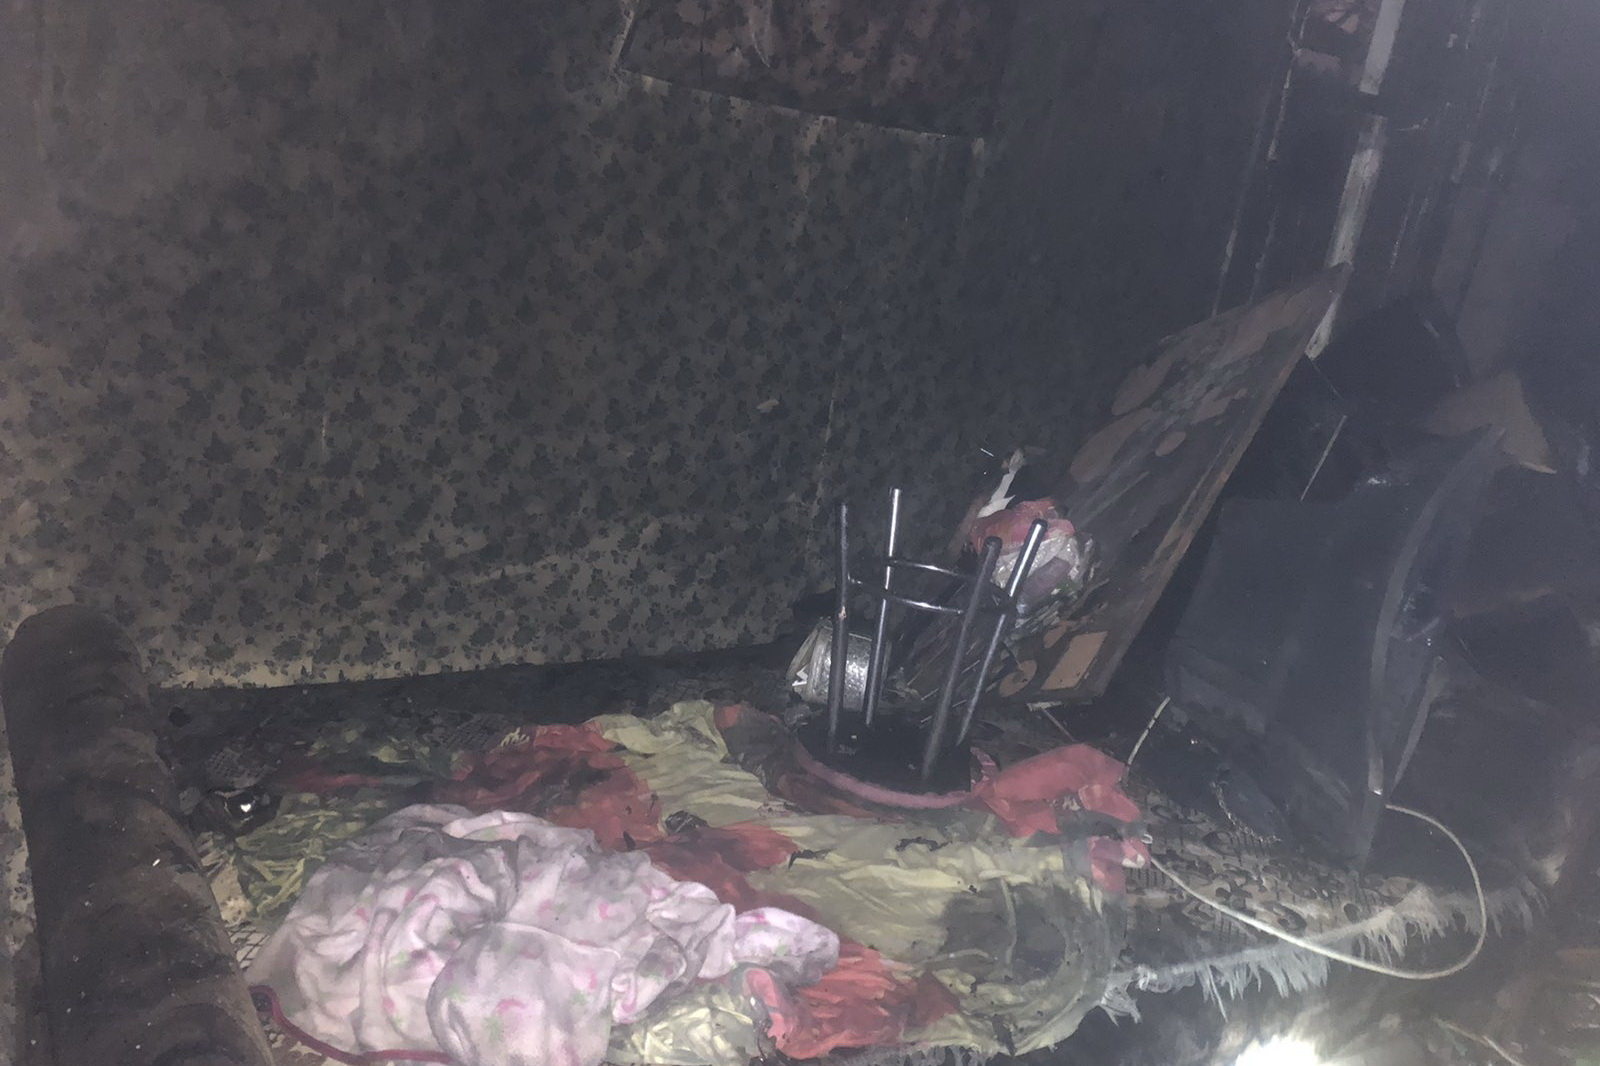 Короткое замыкание в электросети привело к пожару (фото)